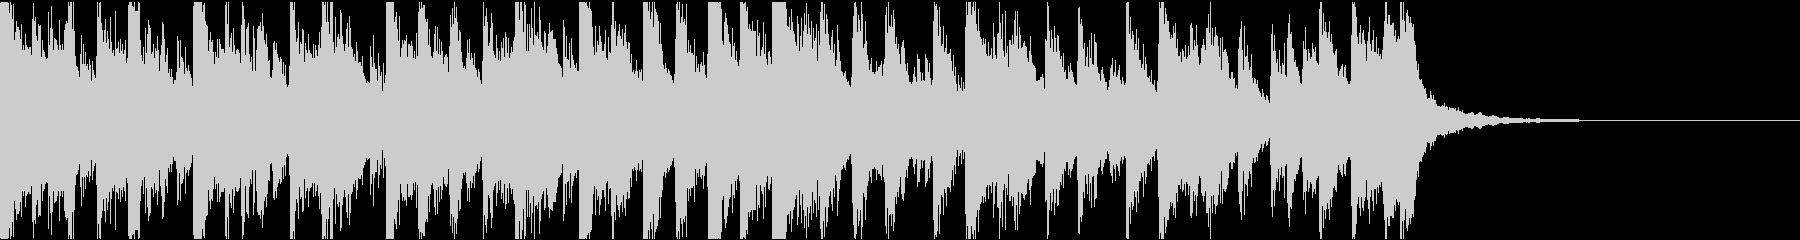 琴、電子音ダーク/ジングルの未再生の波形